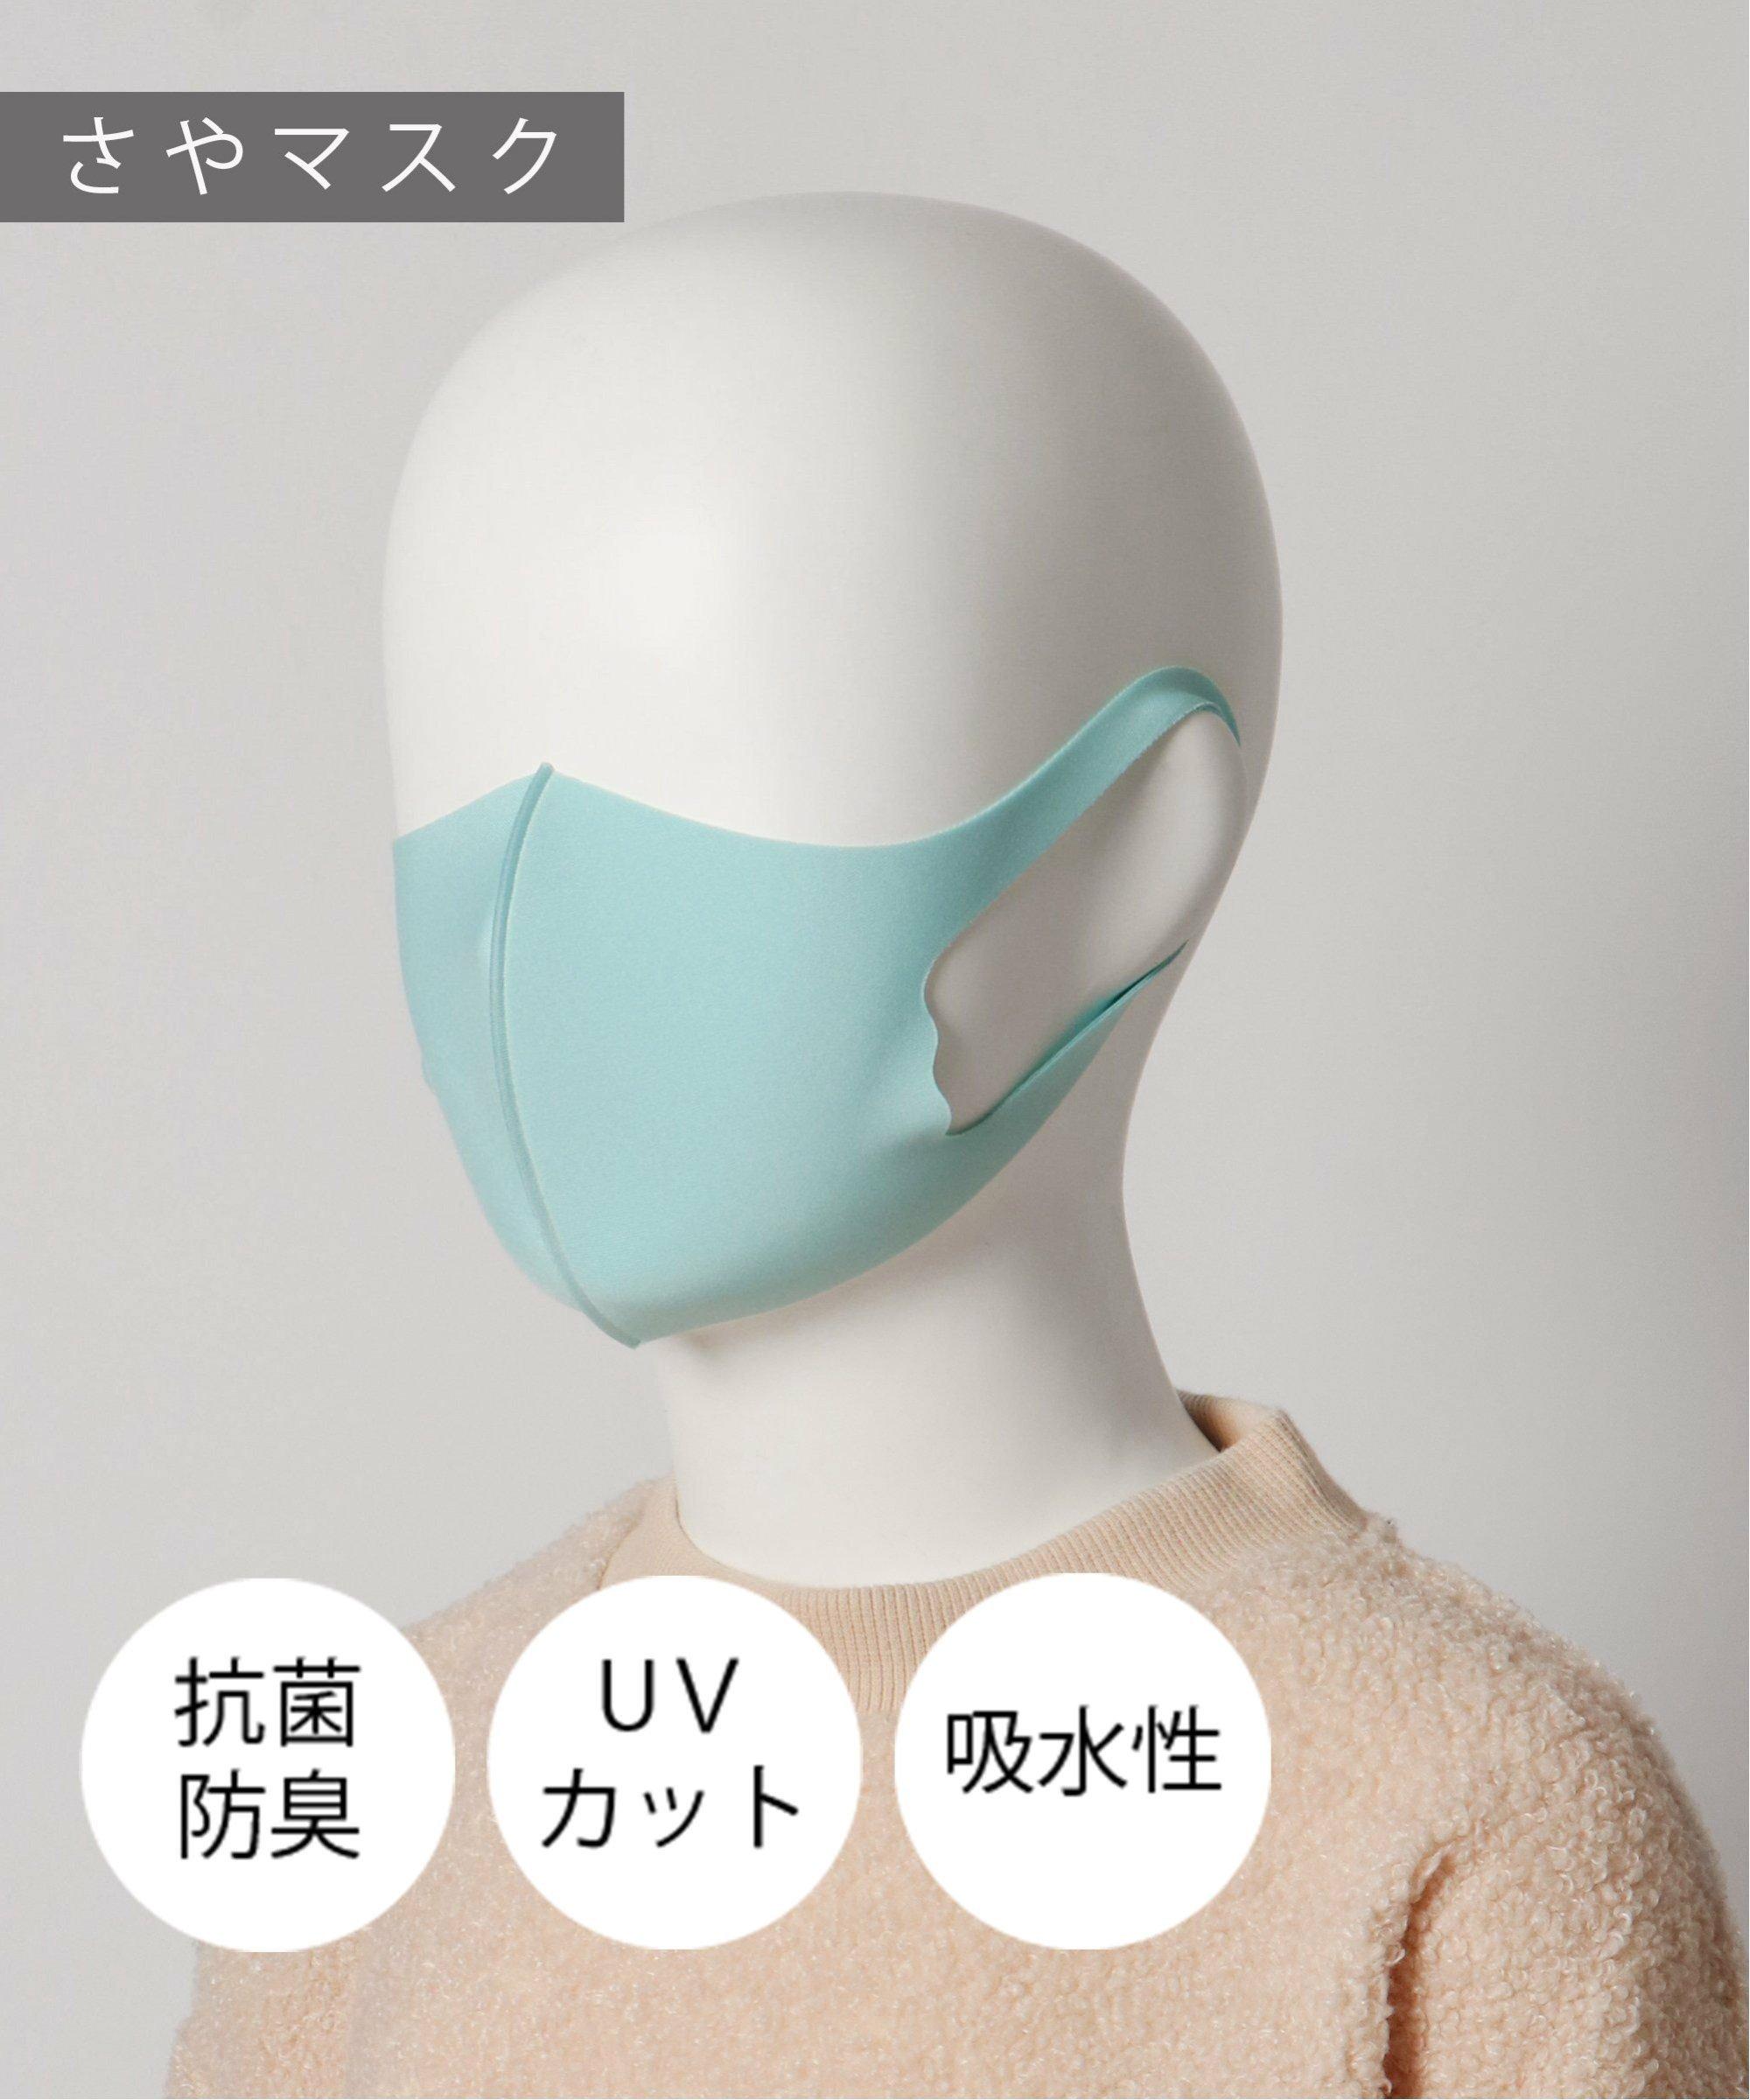 【こども用】 清マスク(さやマスク) スカイブルー